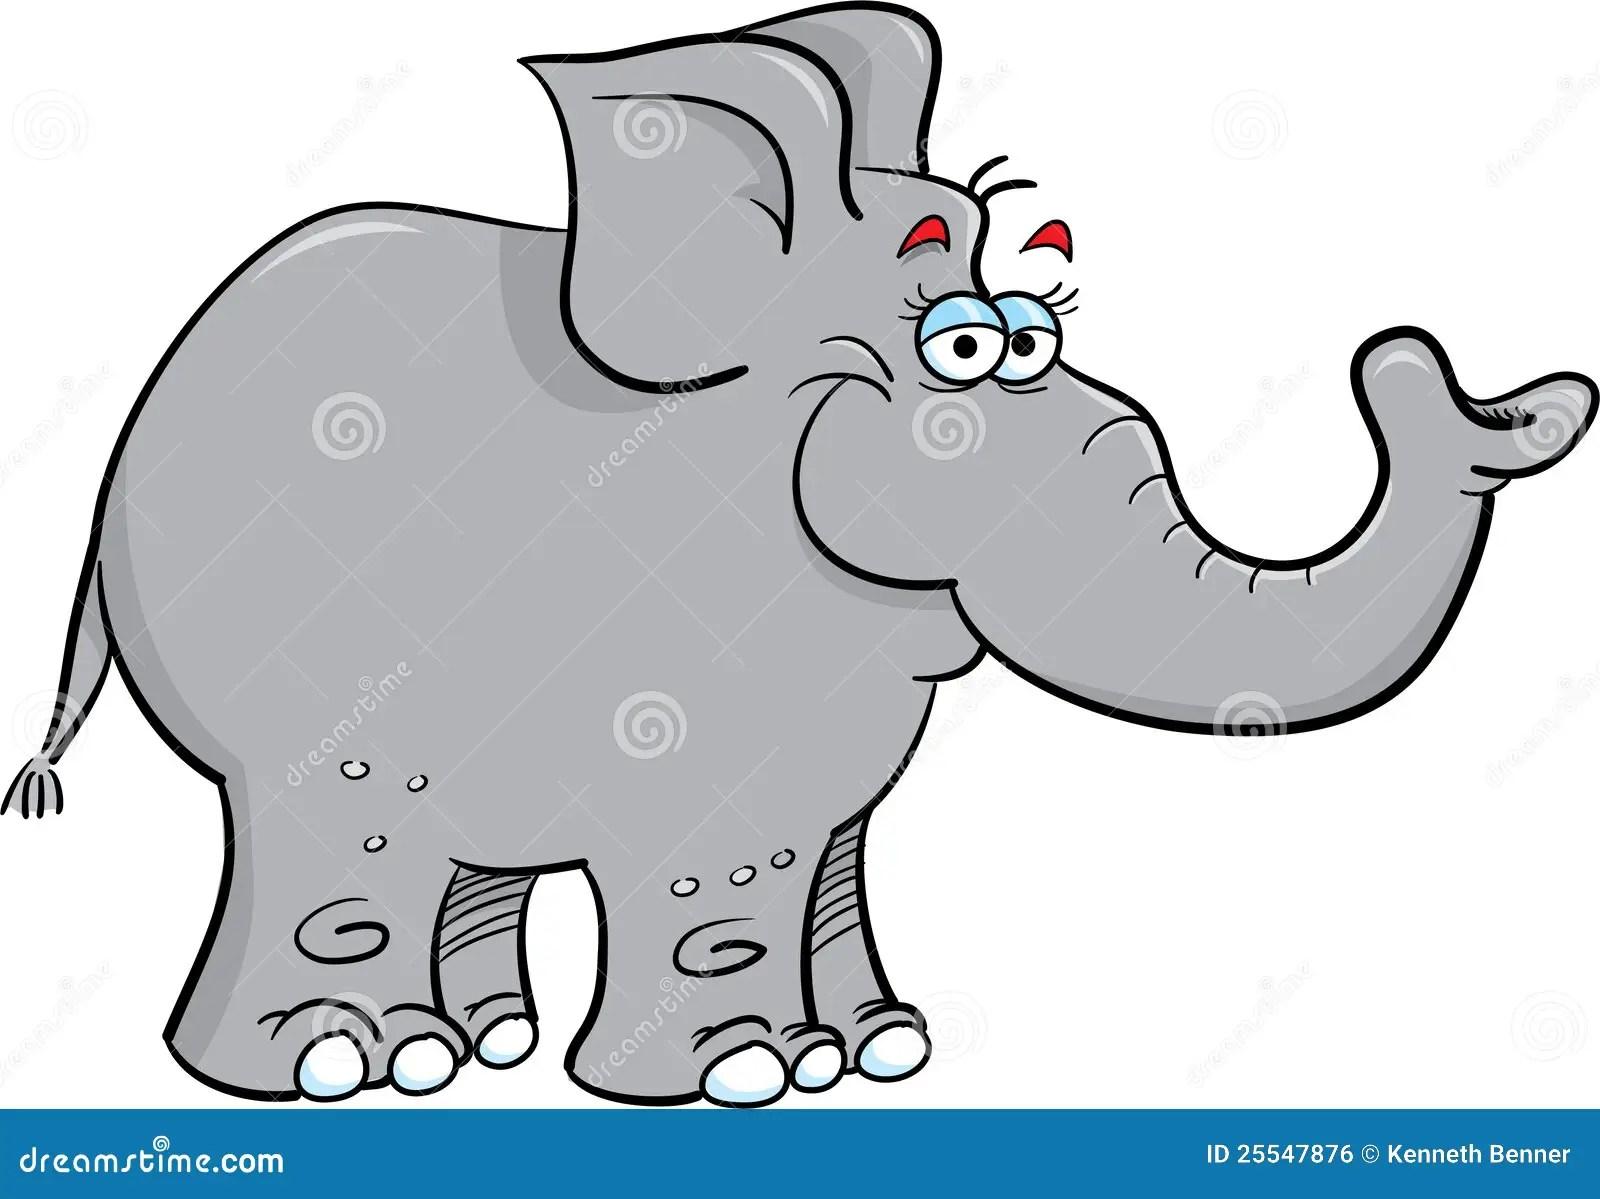 Grey Elephant Royalty Free Stock Image